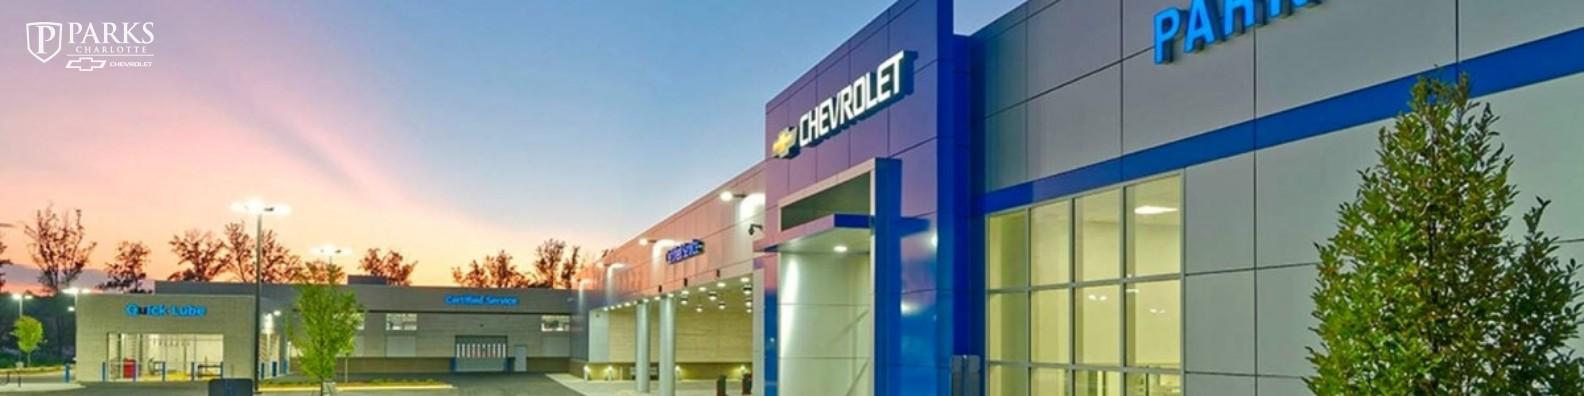 Parks Chevrolet Charlotte Linkedin